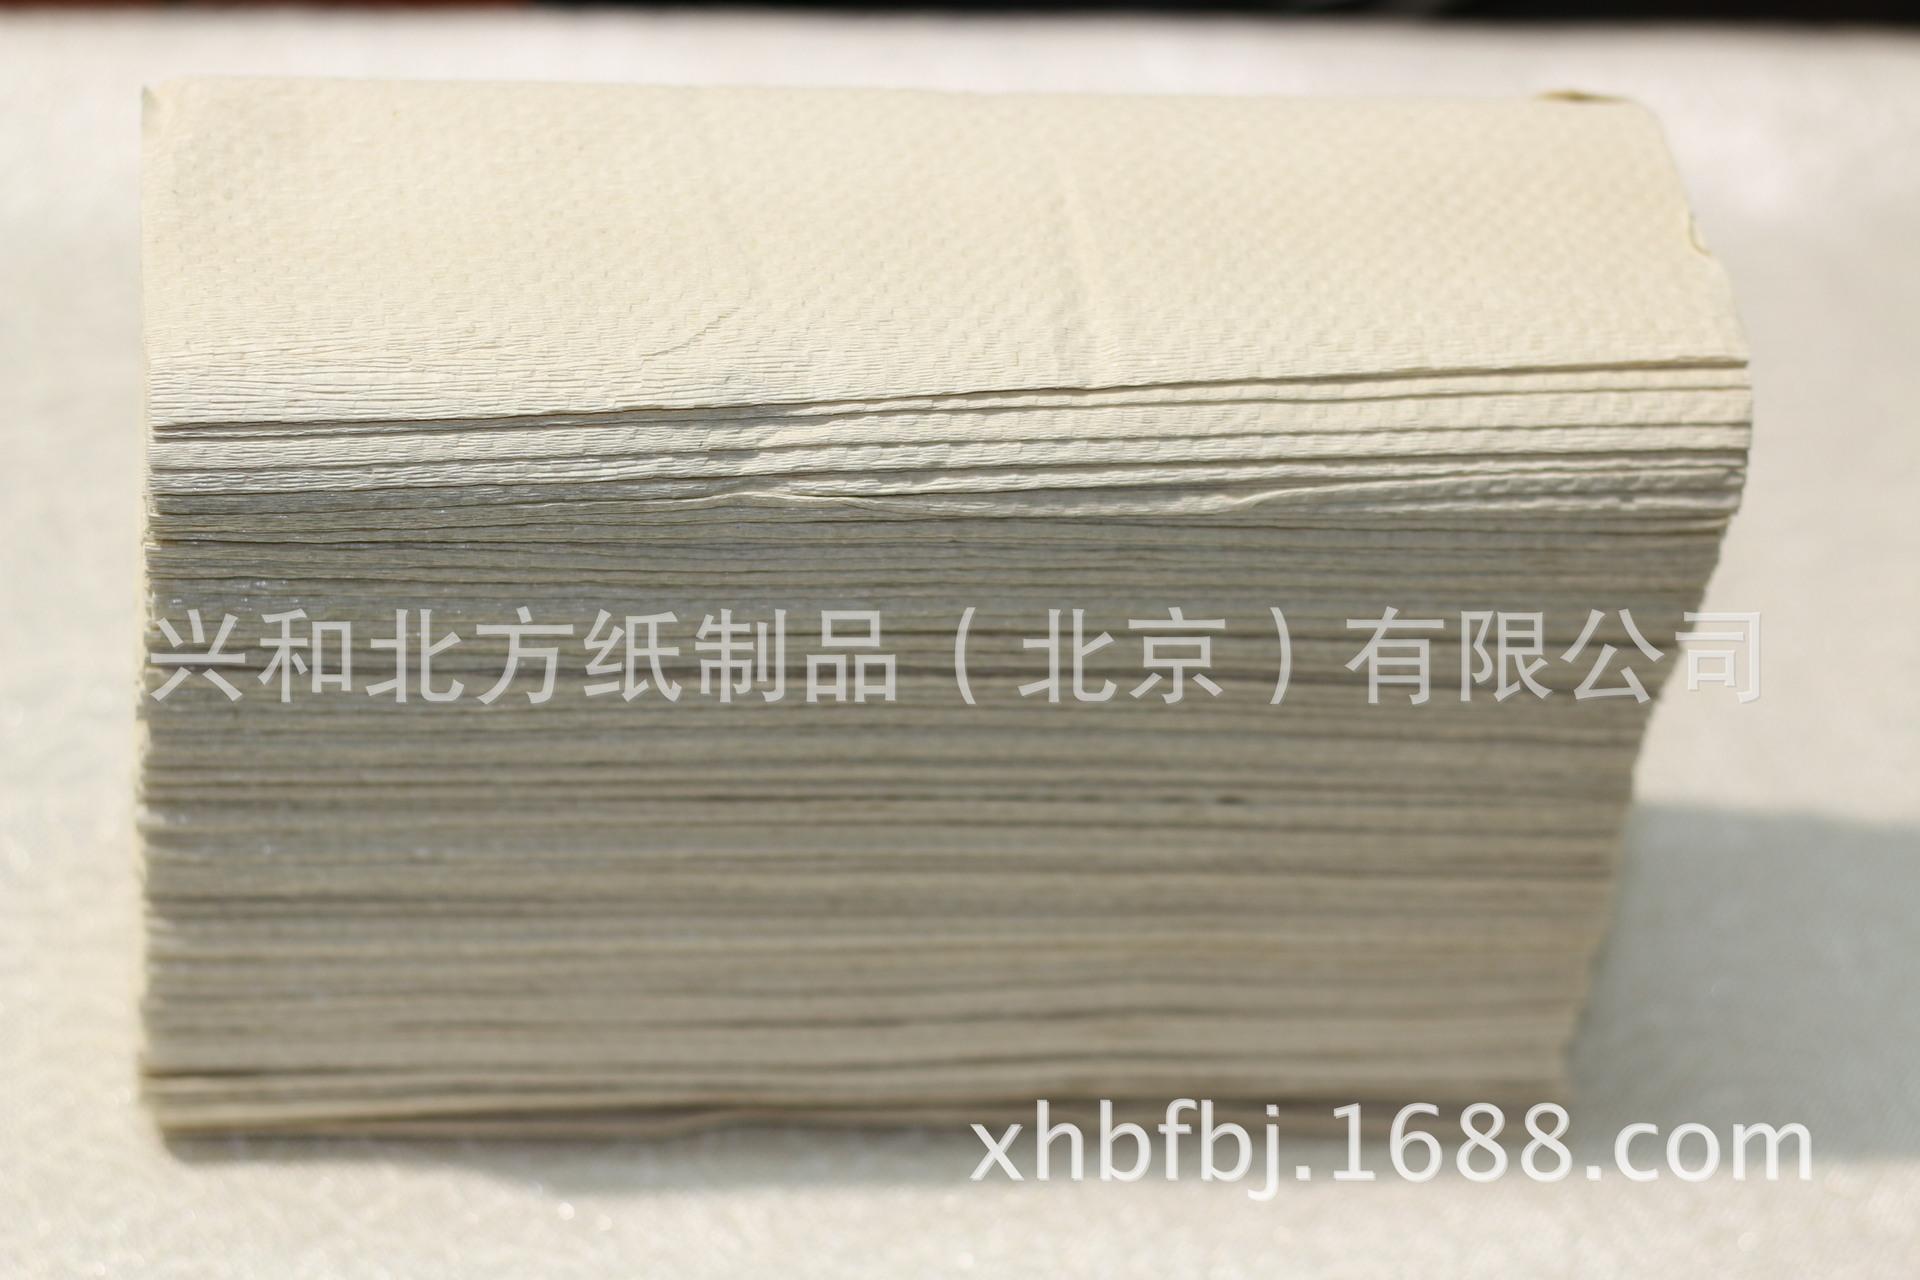 生产本色草浆200抽擦手纸 卫生纸 大盘纸 餐巾纸